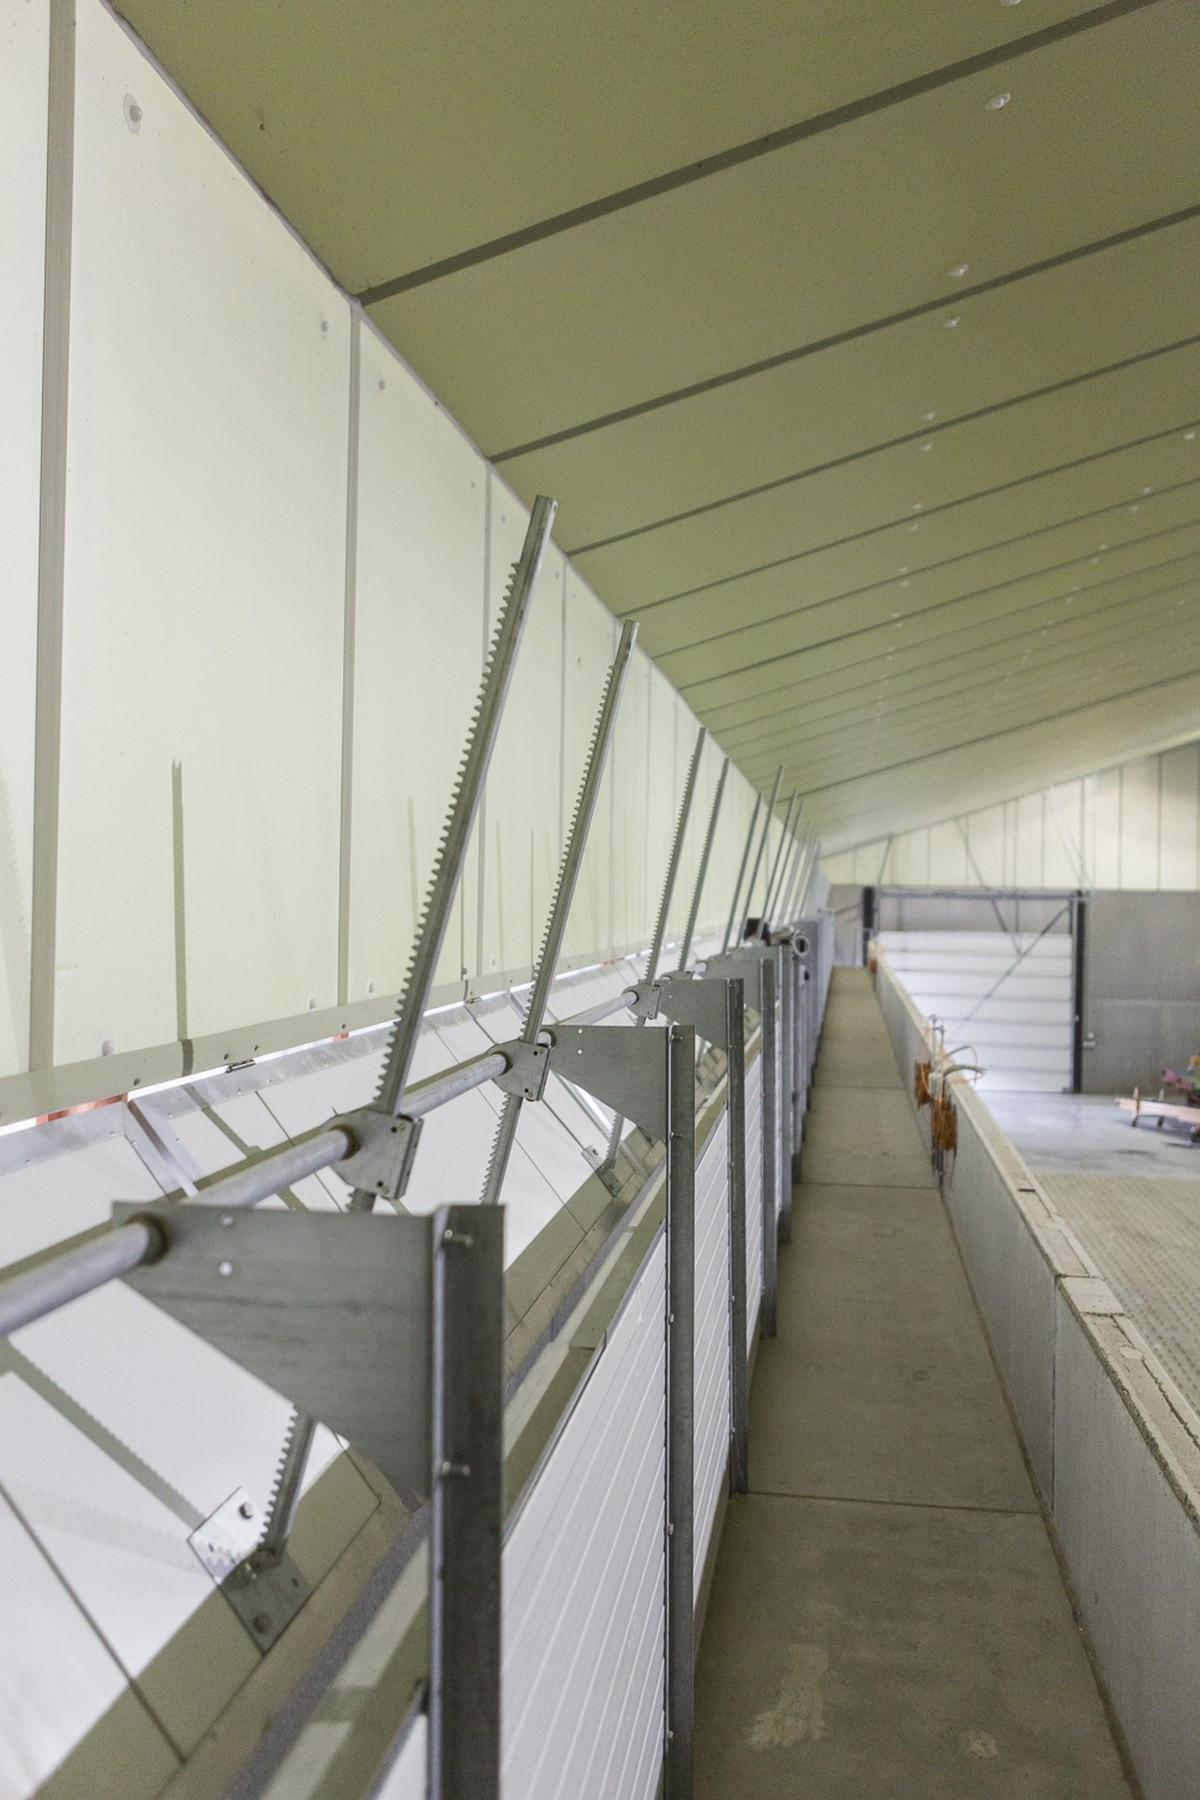 LV Dauchy_Wijtschate_aardappelloods_hangar_pomme_de_terre14.jpg